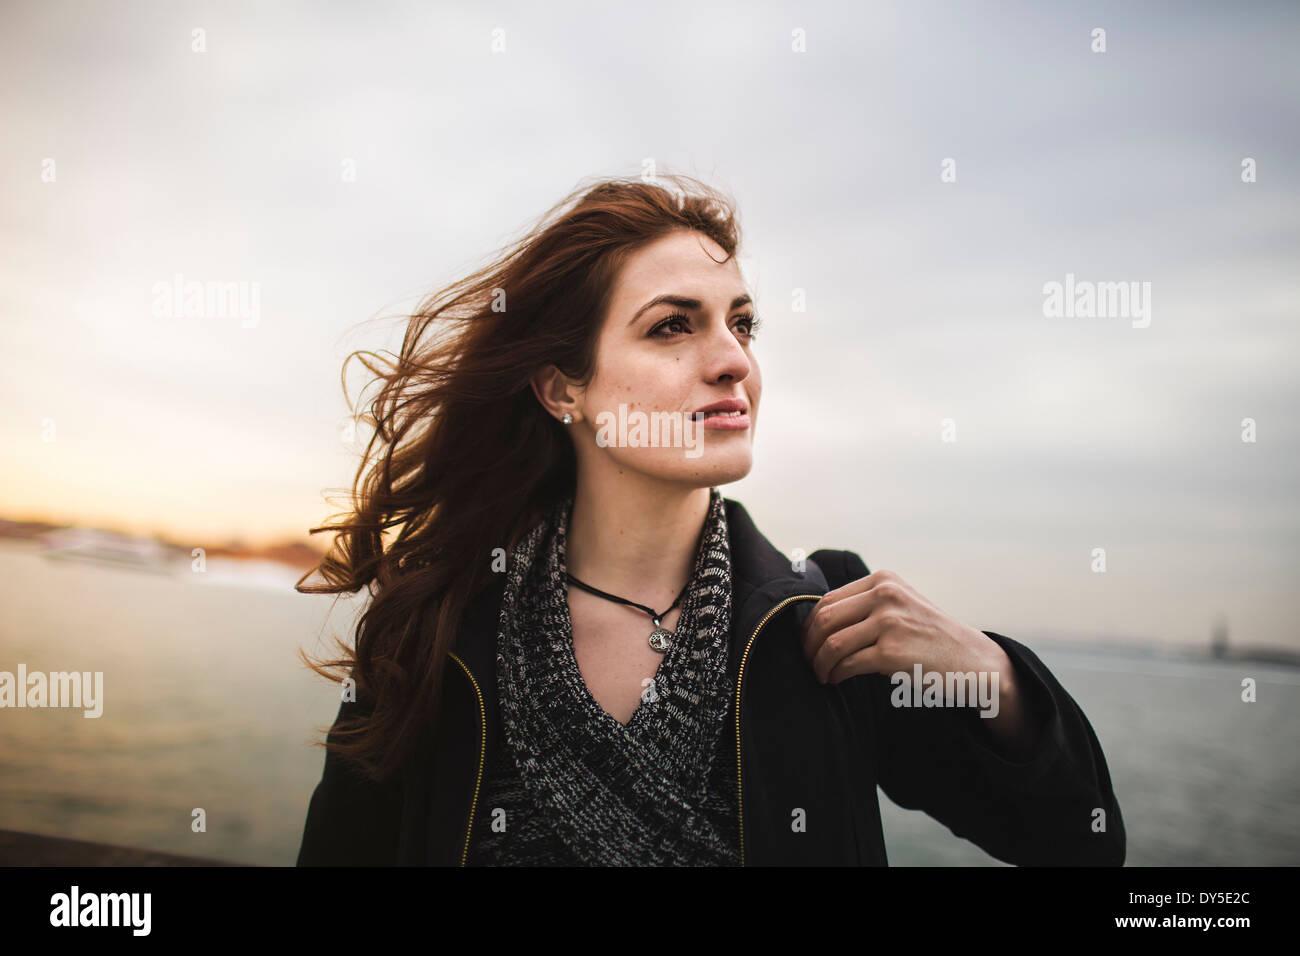 Junge Frau neben Hudson River, New York, USA Stockbild